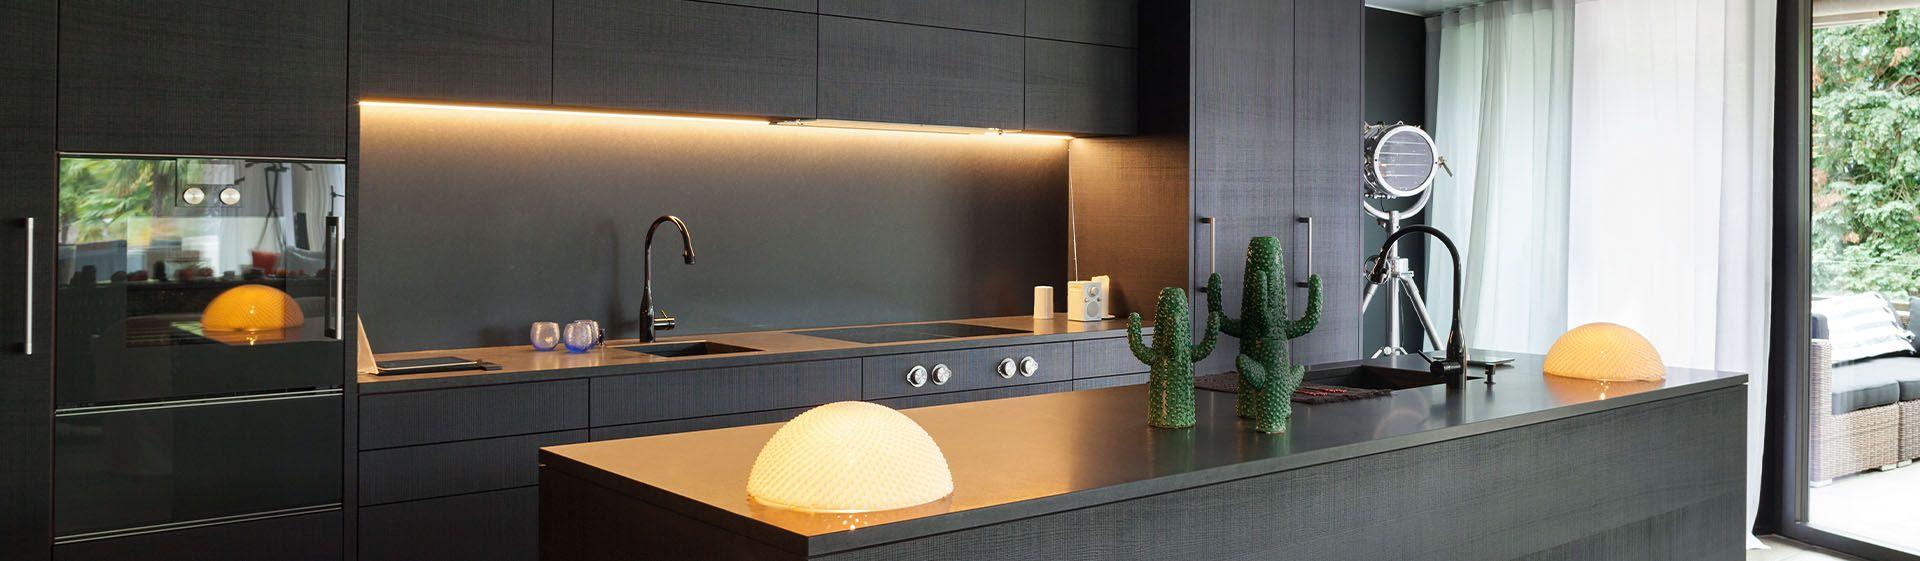 Cozinha preta: como montar uma?